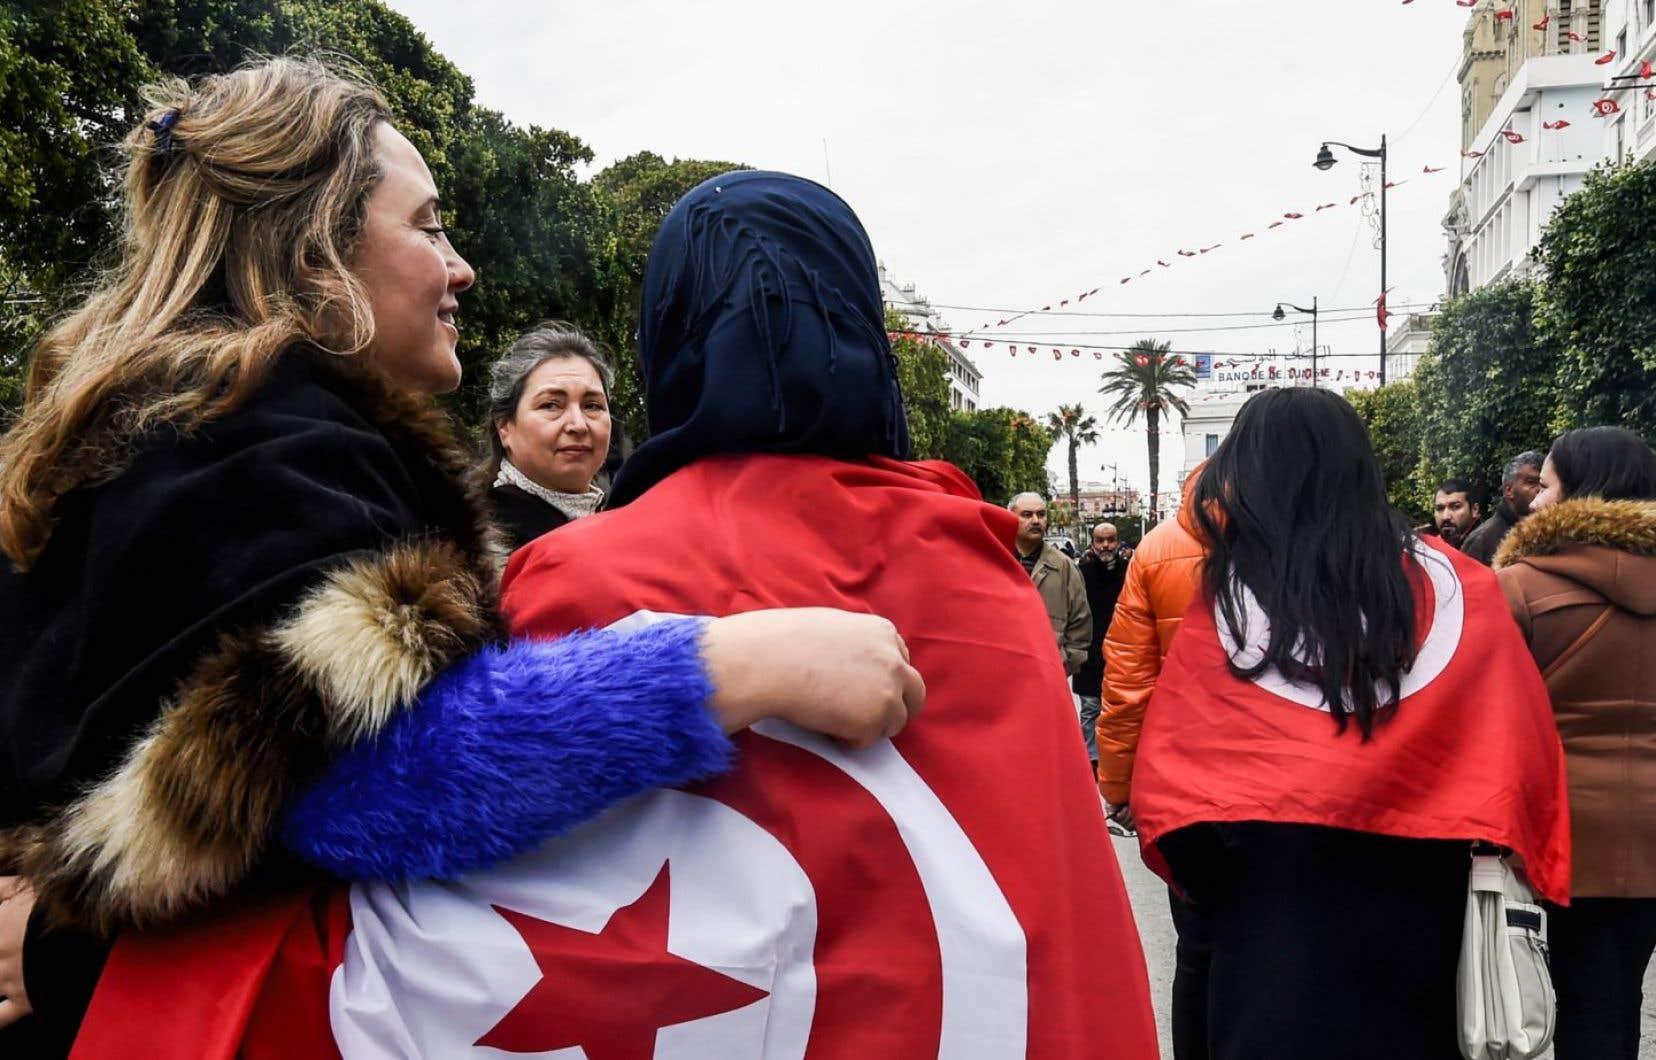 La question de l'égalité entre hommes et femmes en matière d'héritage reste une question très délicate en Tunisie.